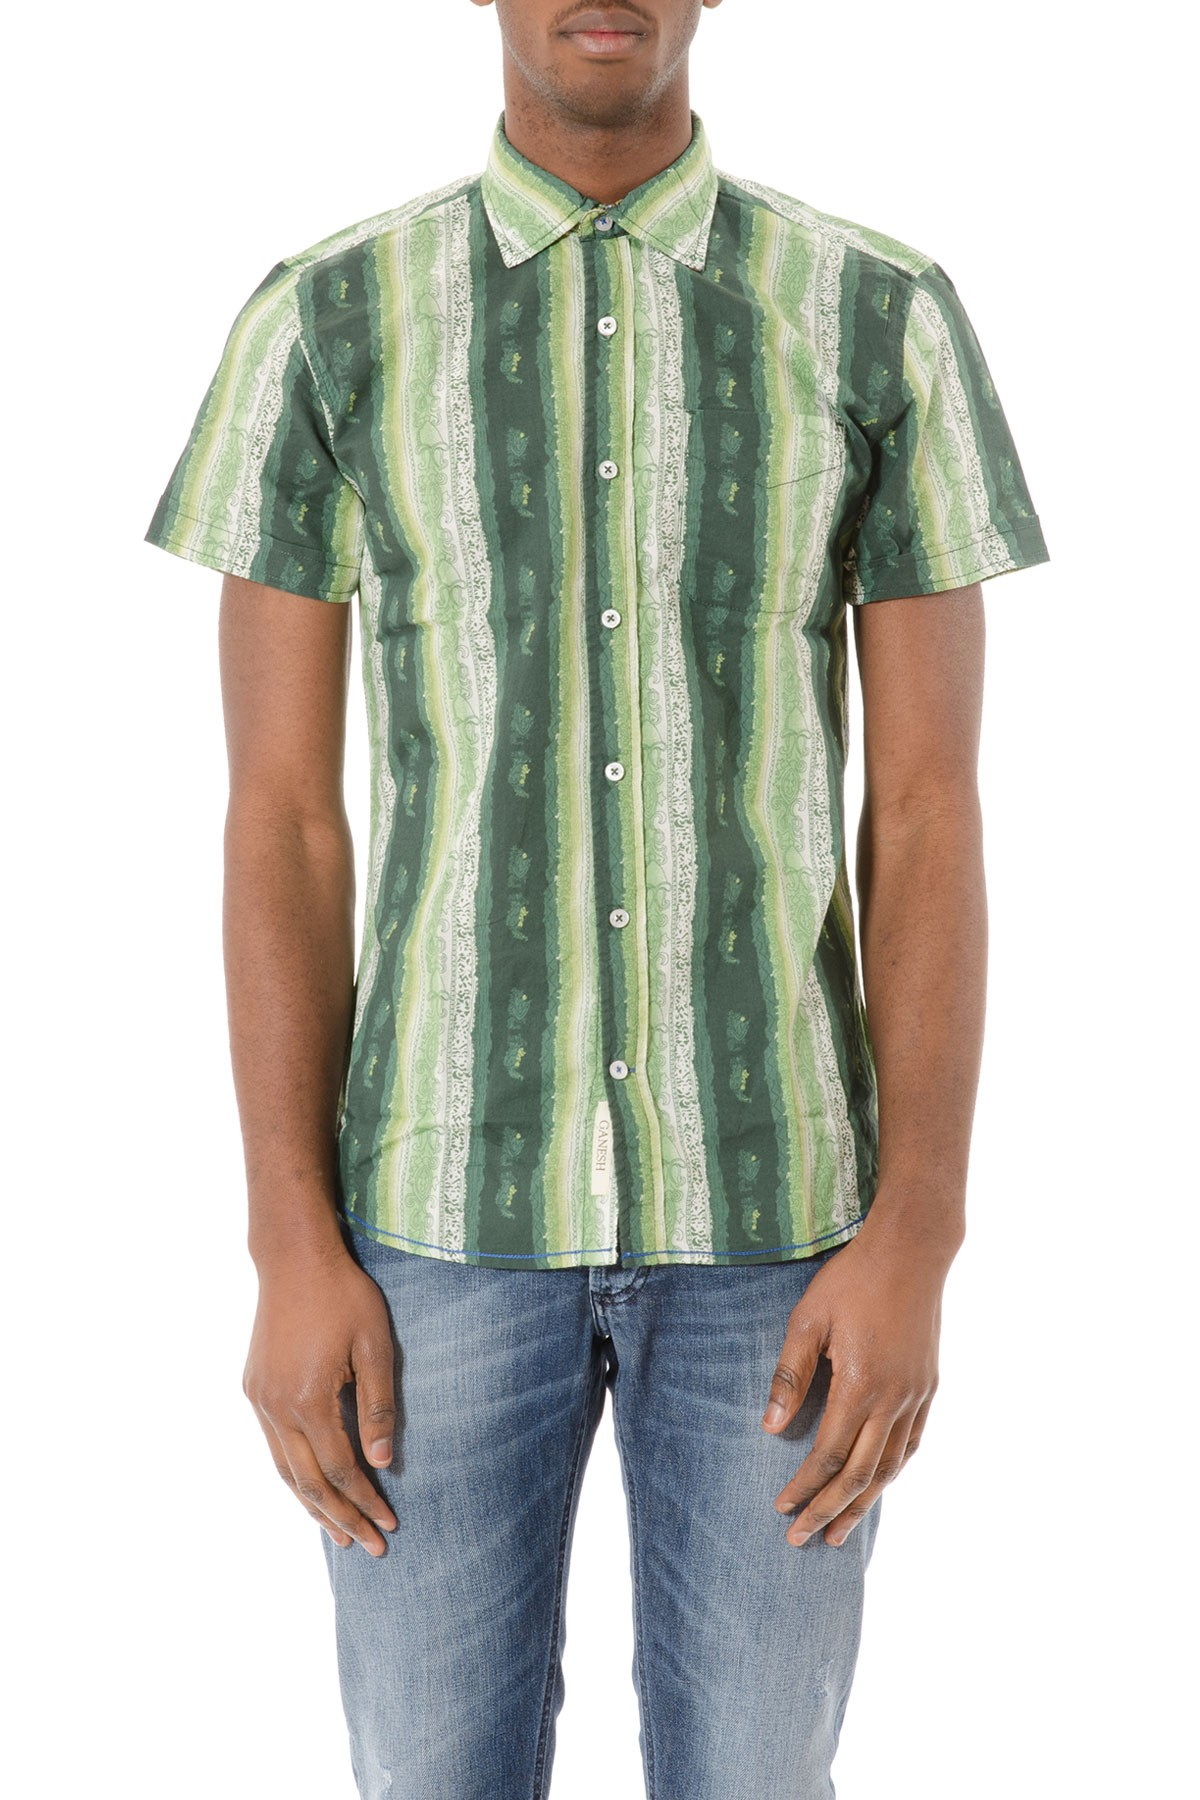 the latest 011b5 ca6b4 Camicia verde a righe P/E GANESH per uomo in cotone